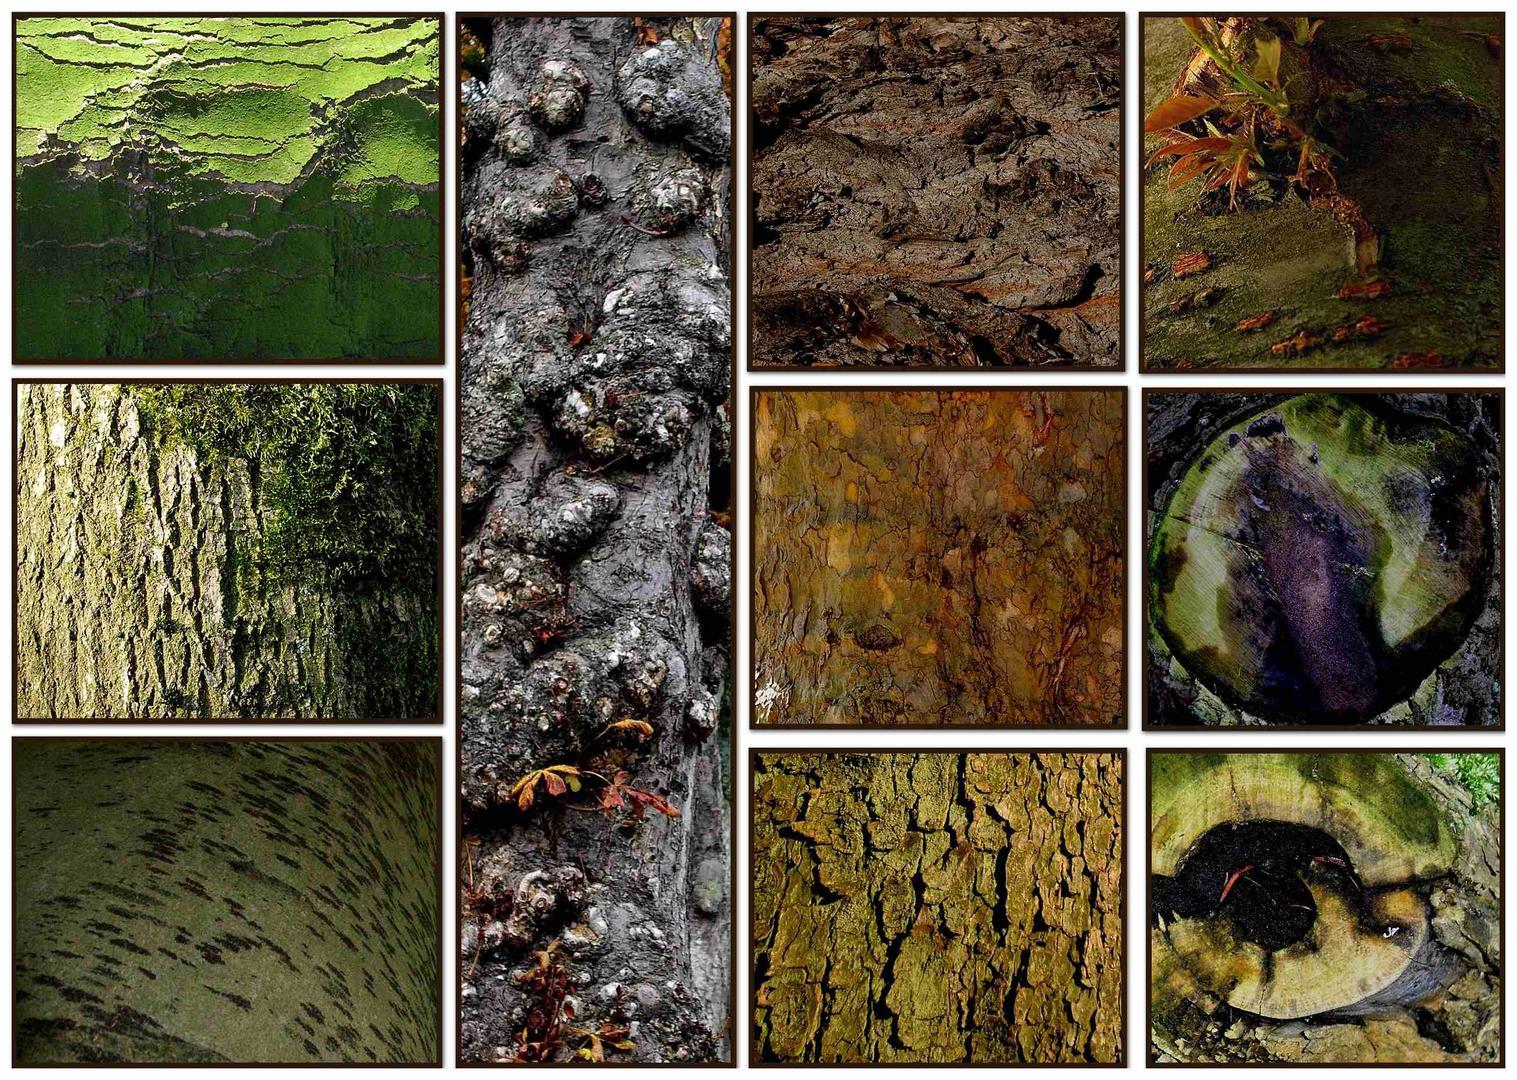 Die Strukturen der Bäume